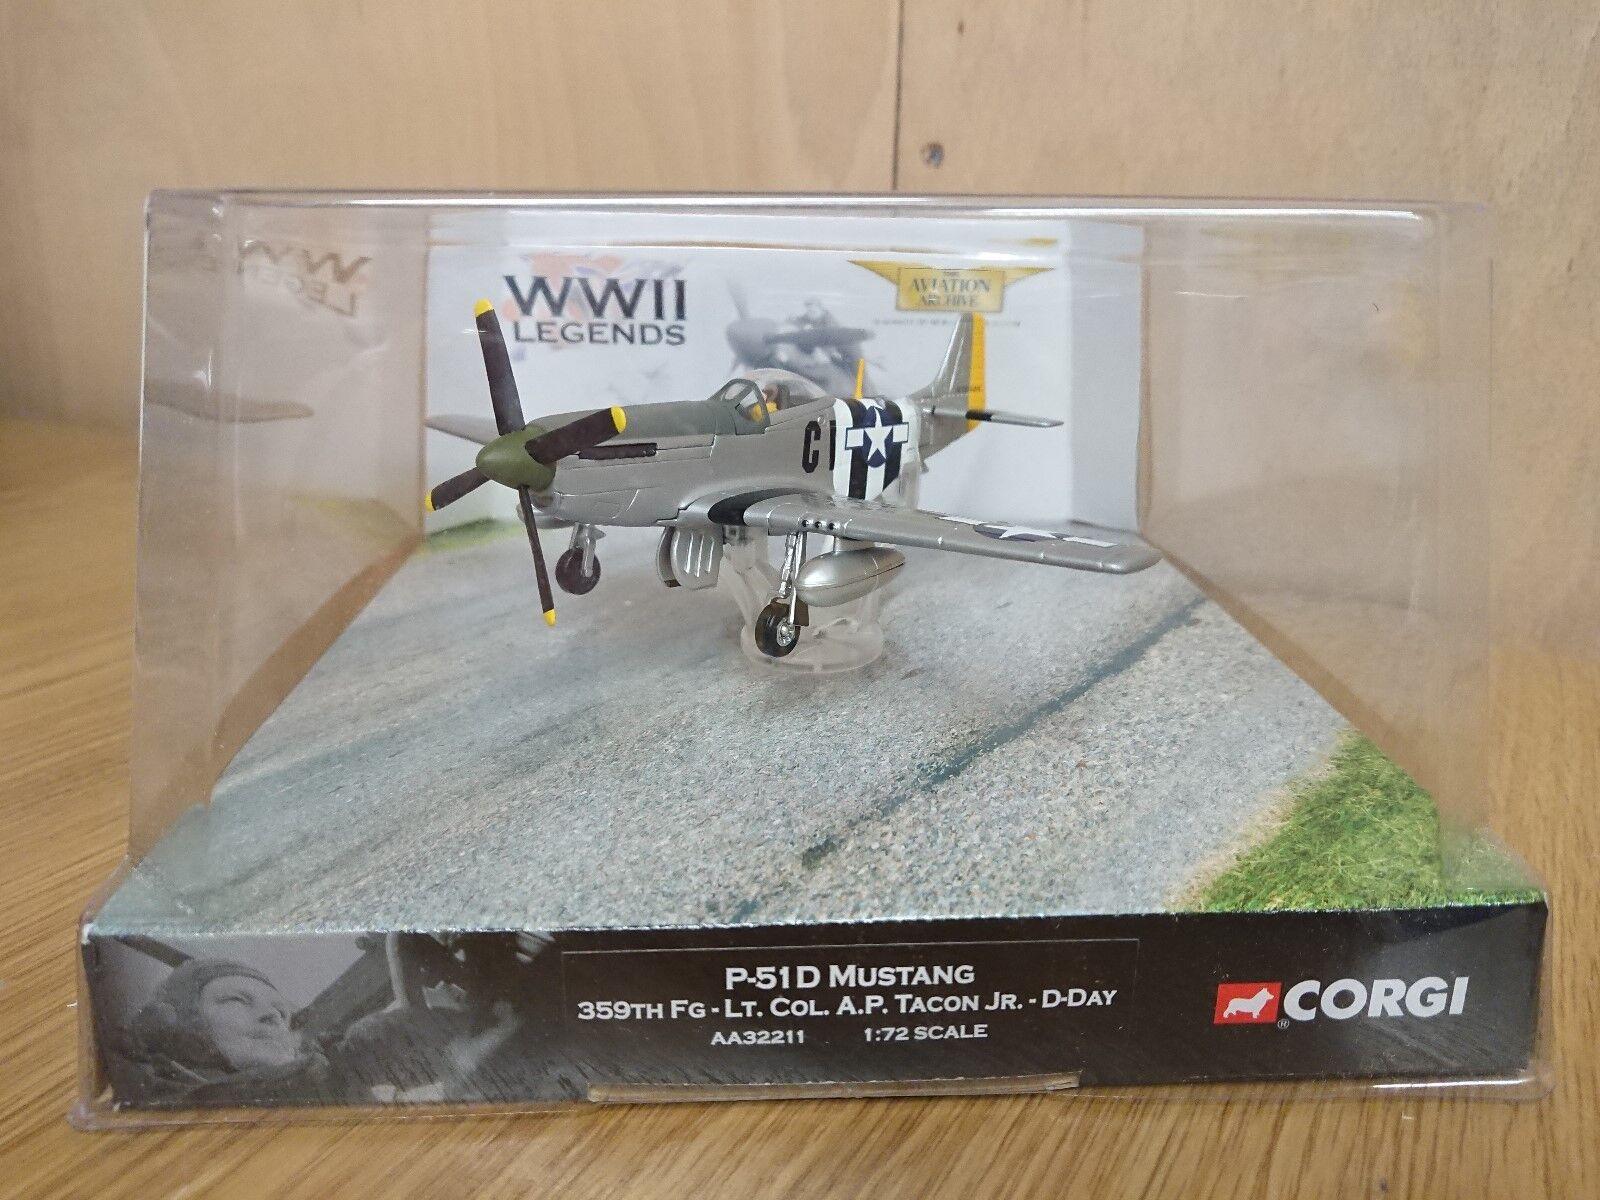 Corgi AA32211 leyendas de la segunda guerra mundial P-51D Mustang 359th FG Lt. Col. A.P. control táctico Jr. día D